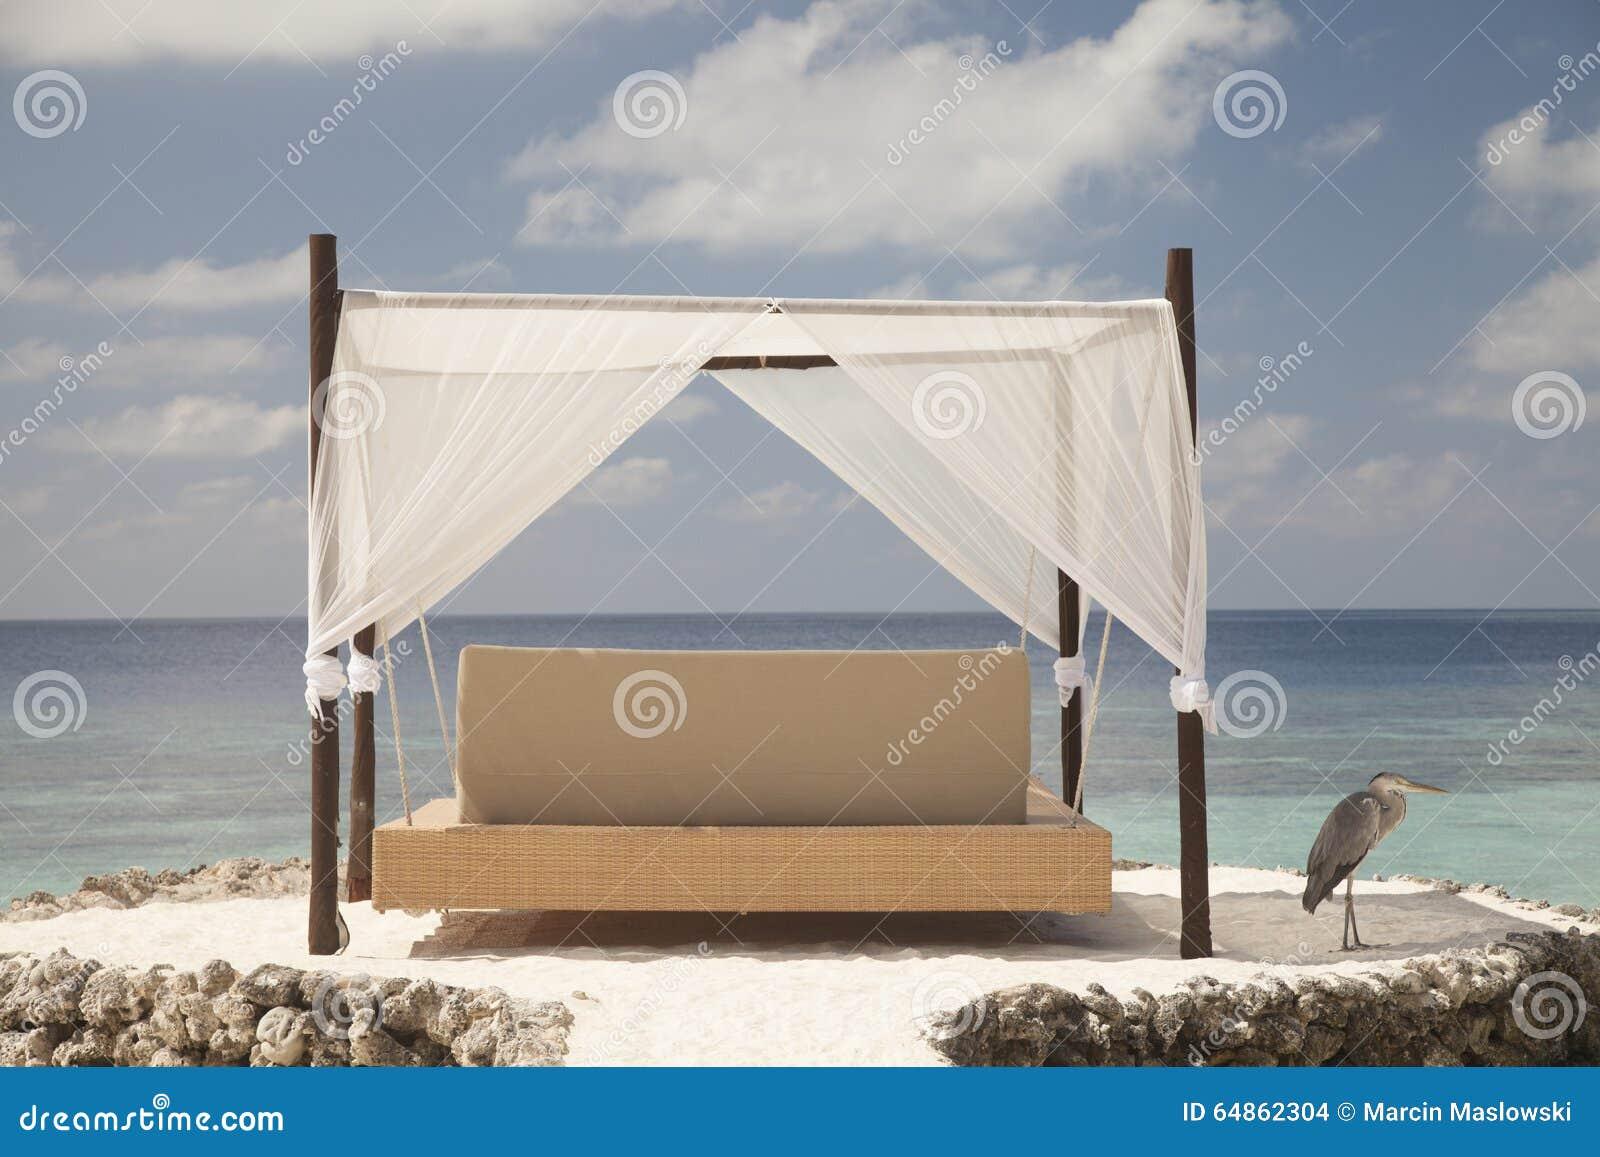 Malerisch Hängendes Bett Foto Von Pattern Hängendes In Den Malediven Stockfoto -